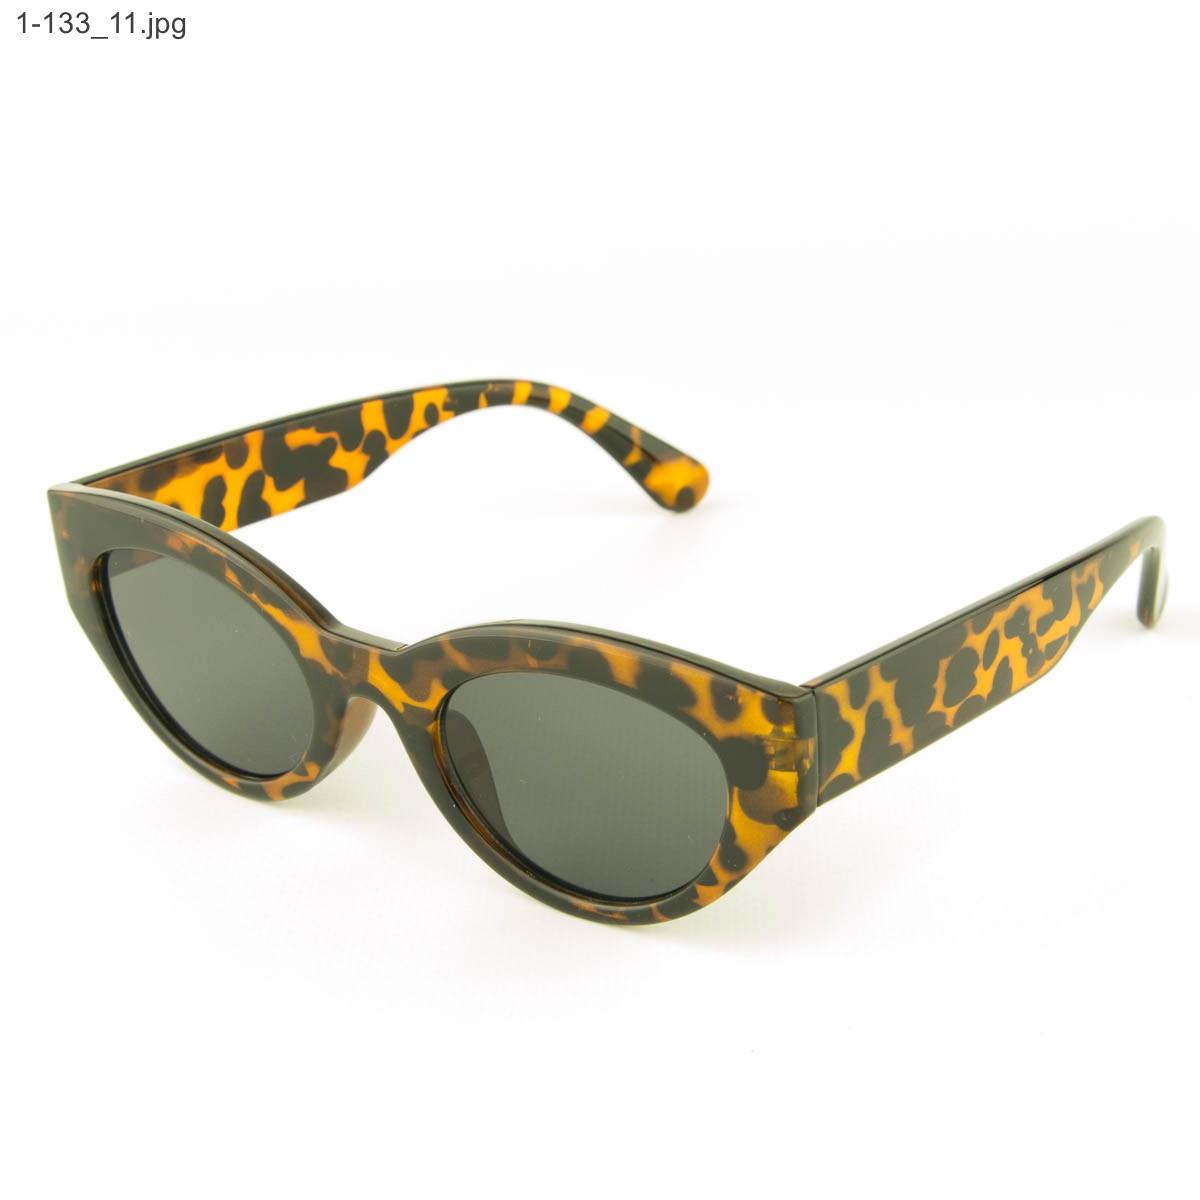 Солнцезащитные очки овальной формы - Леопардовые - 1-133